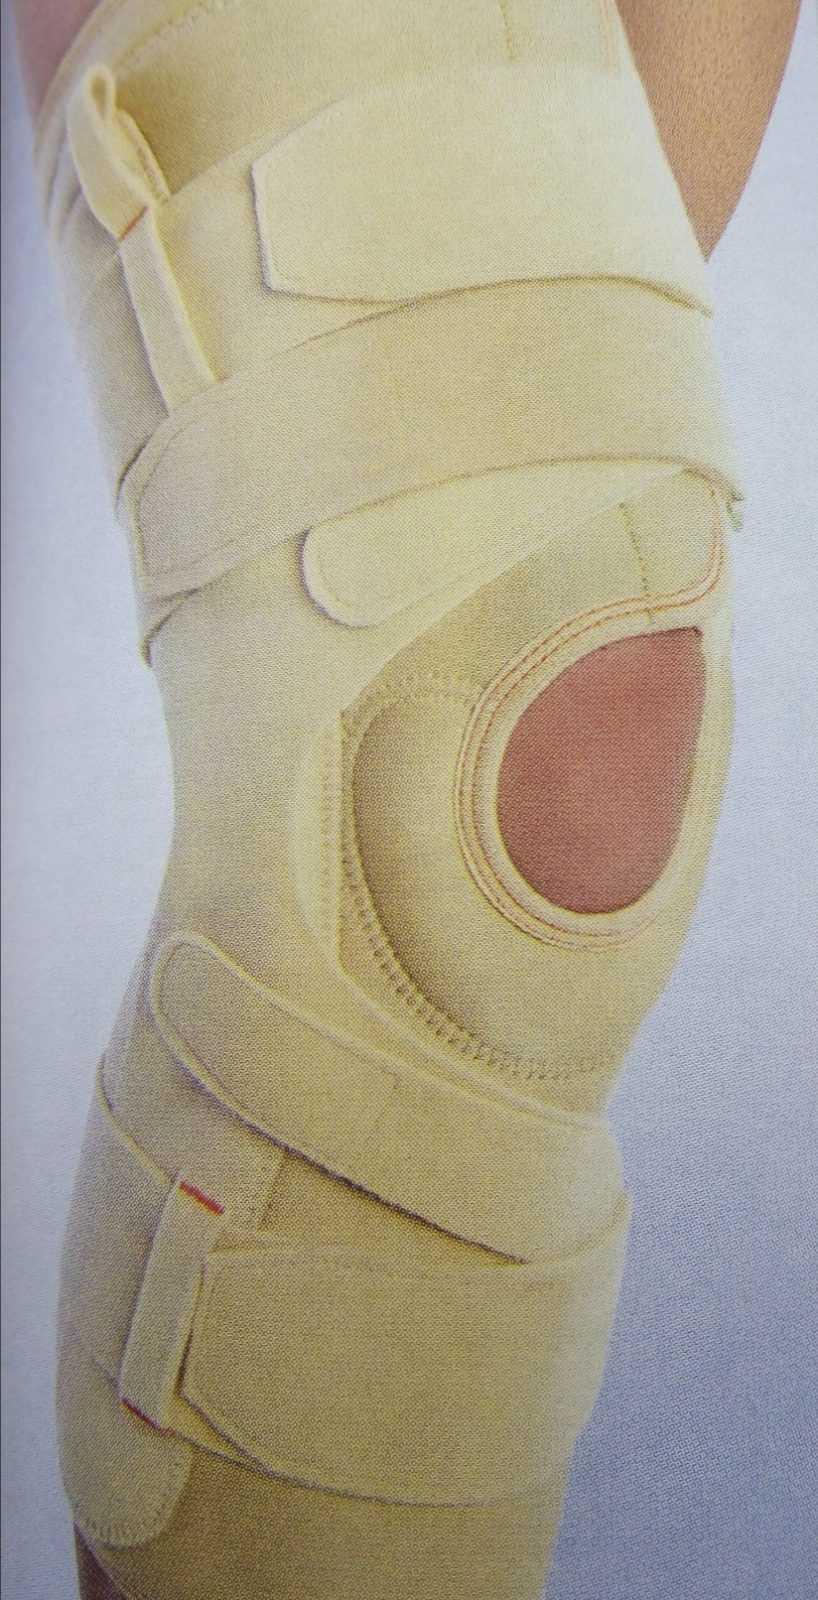 Лечение артроза коленного сустава. Начальные симптомы гонартроза